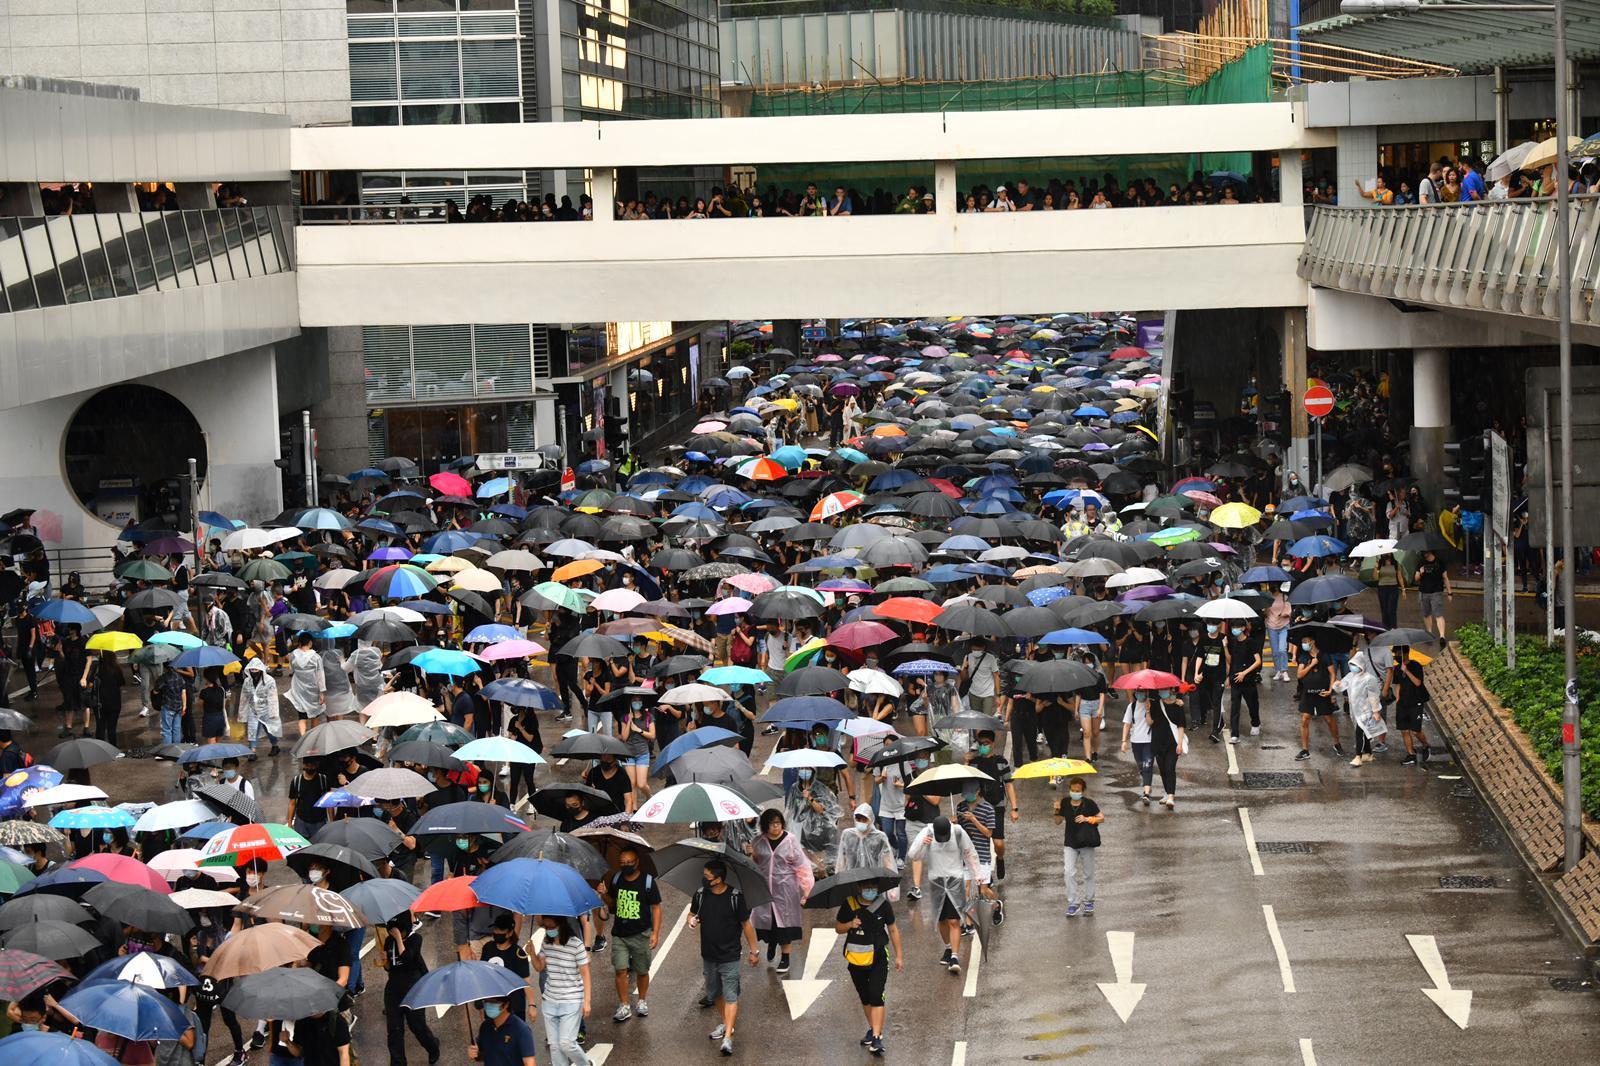 【修例风波】多区爆示威港铁指个別车站或随时关闭